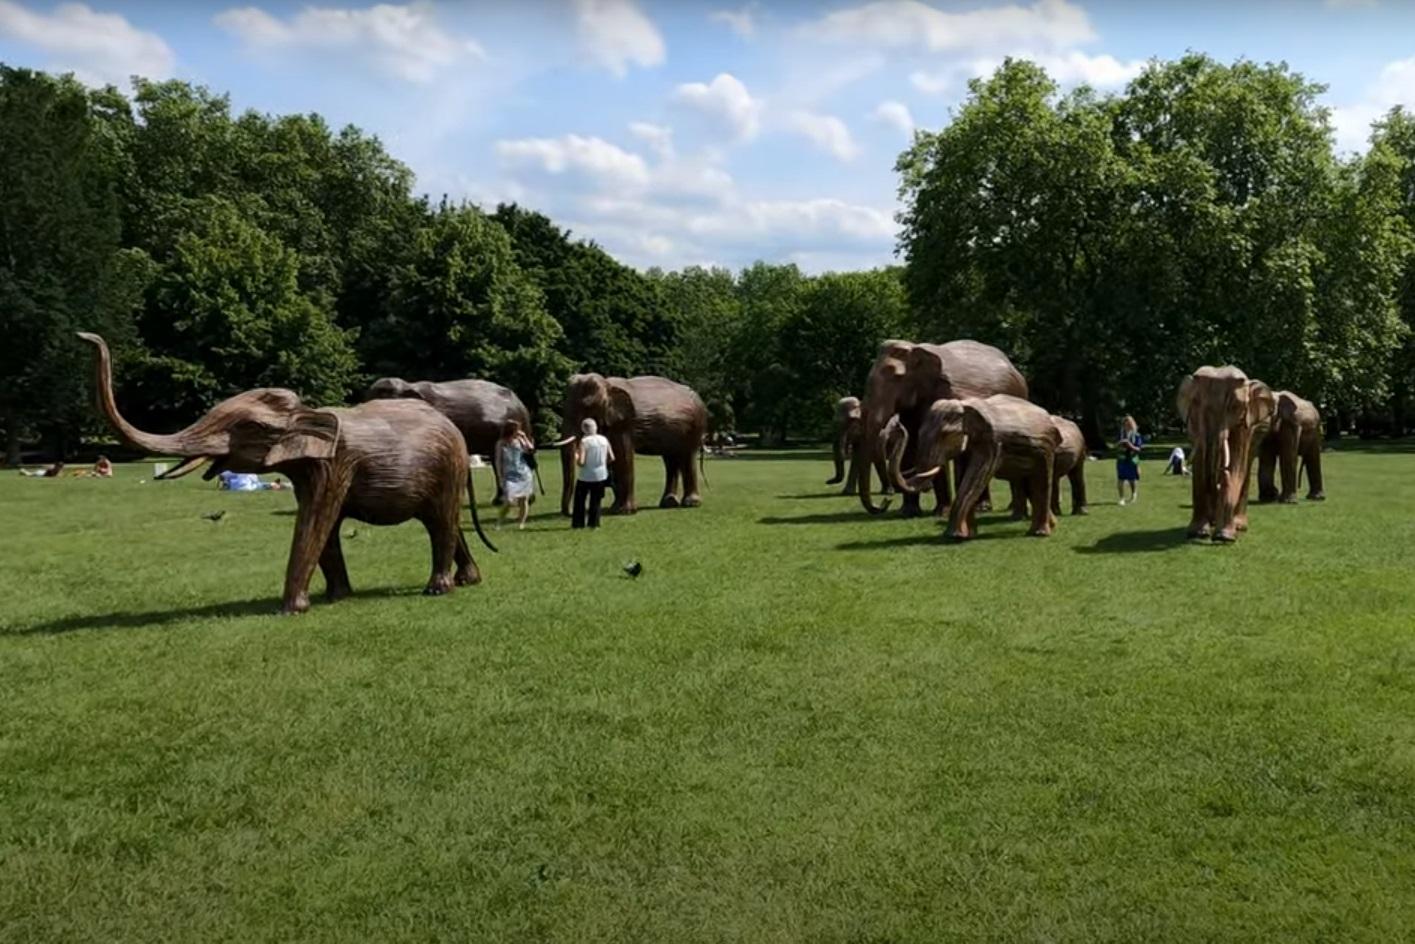 Γέμισαν ελέφαντες τα πάρκα του Λονδίνου – Το ευφάνταστο project από λωρίδες του αγριόχορτου